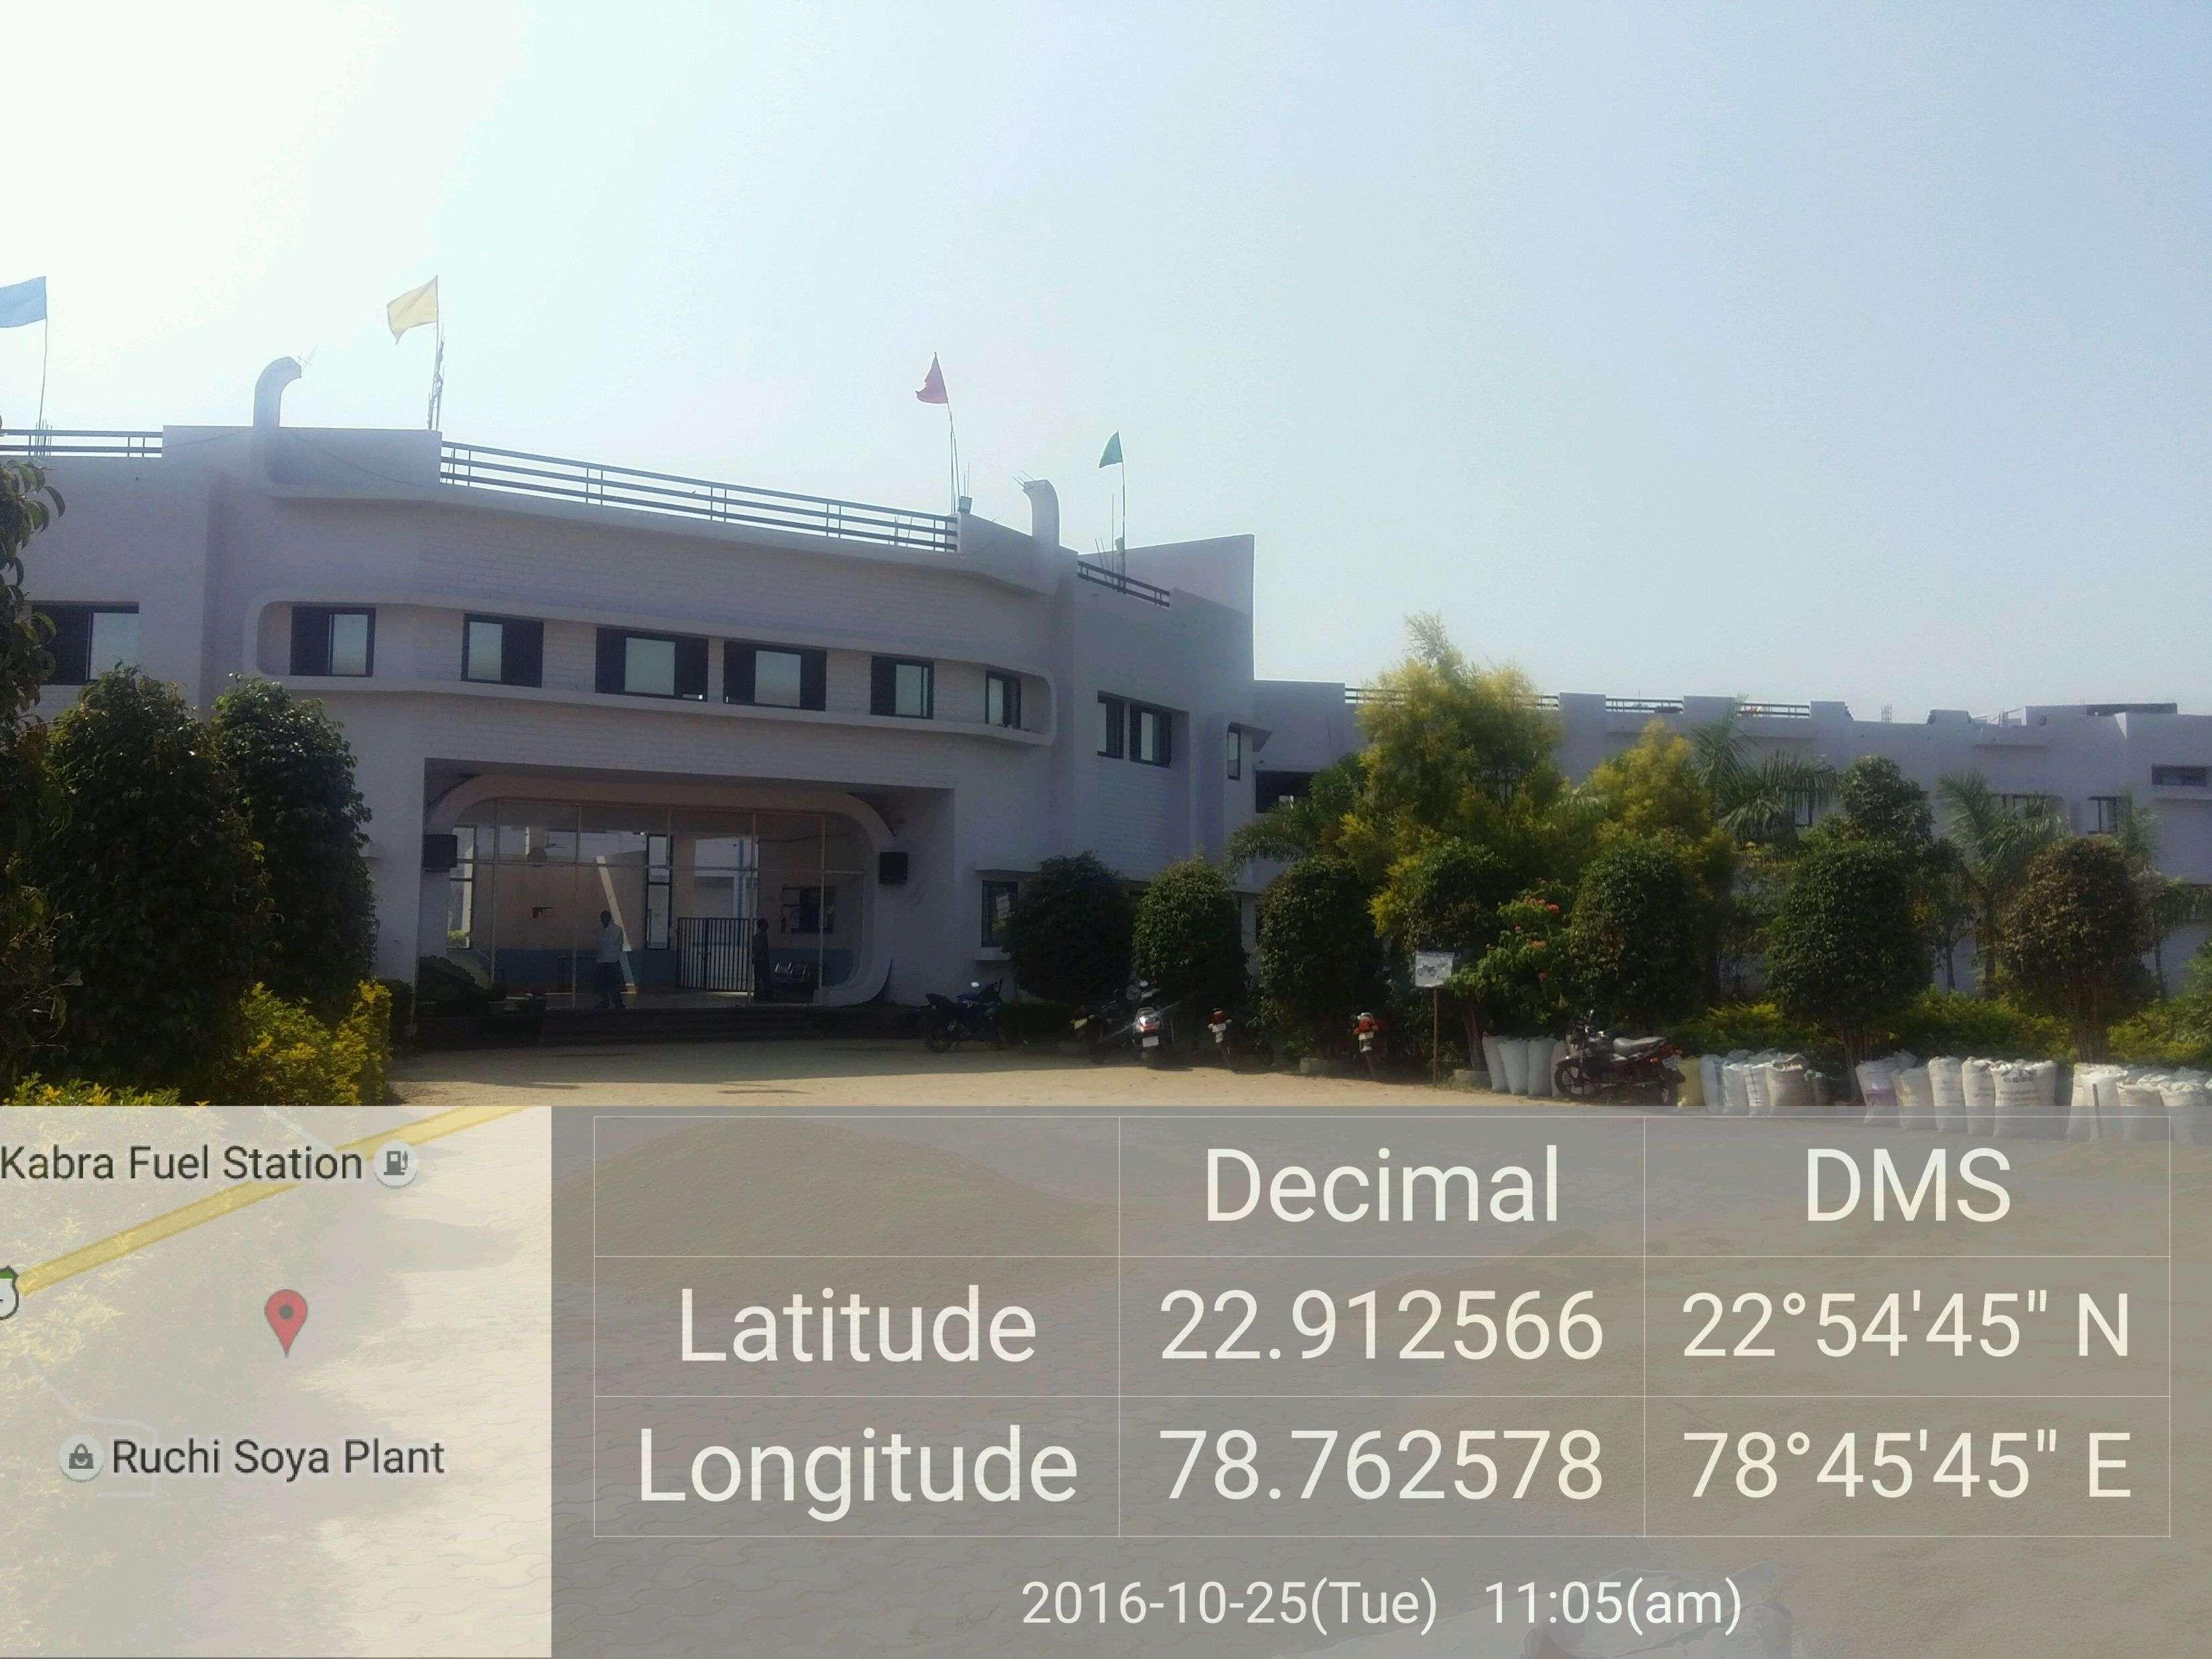 KABRA MEMORIAL PUBLIC SCHOOL PIPARIA ROAD GADARWARA 1030600